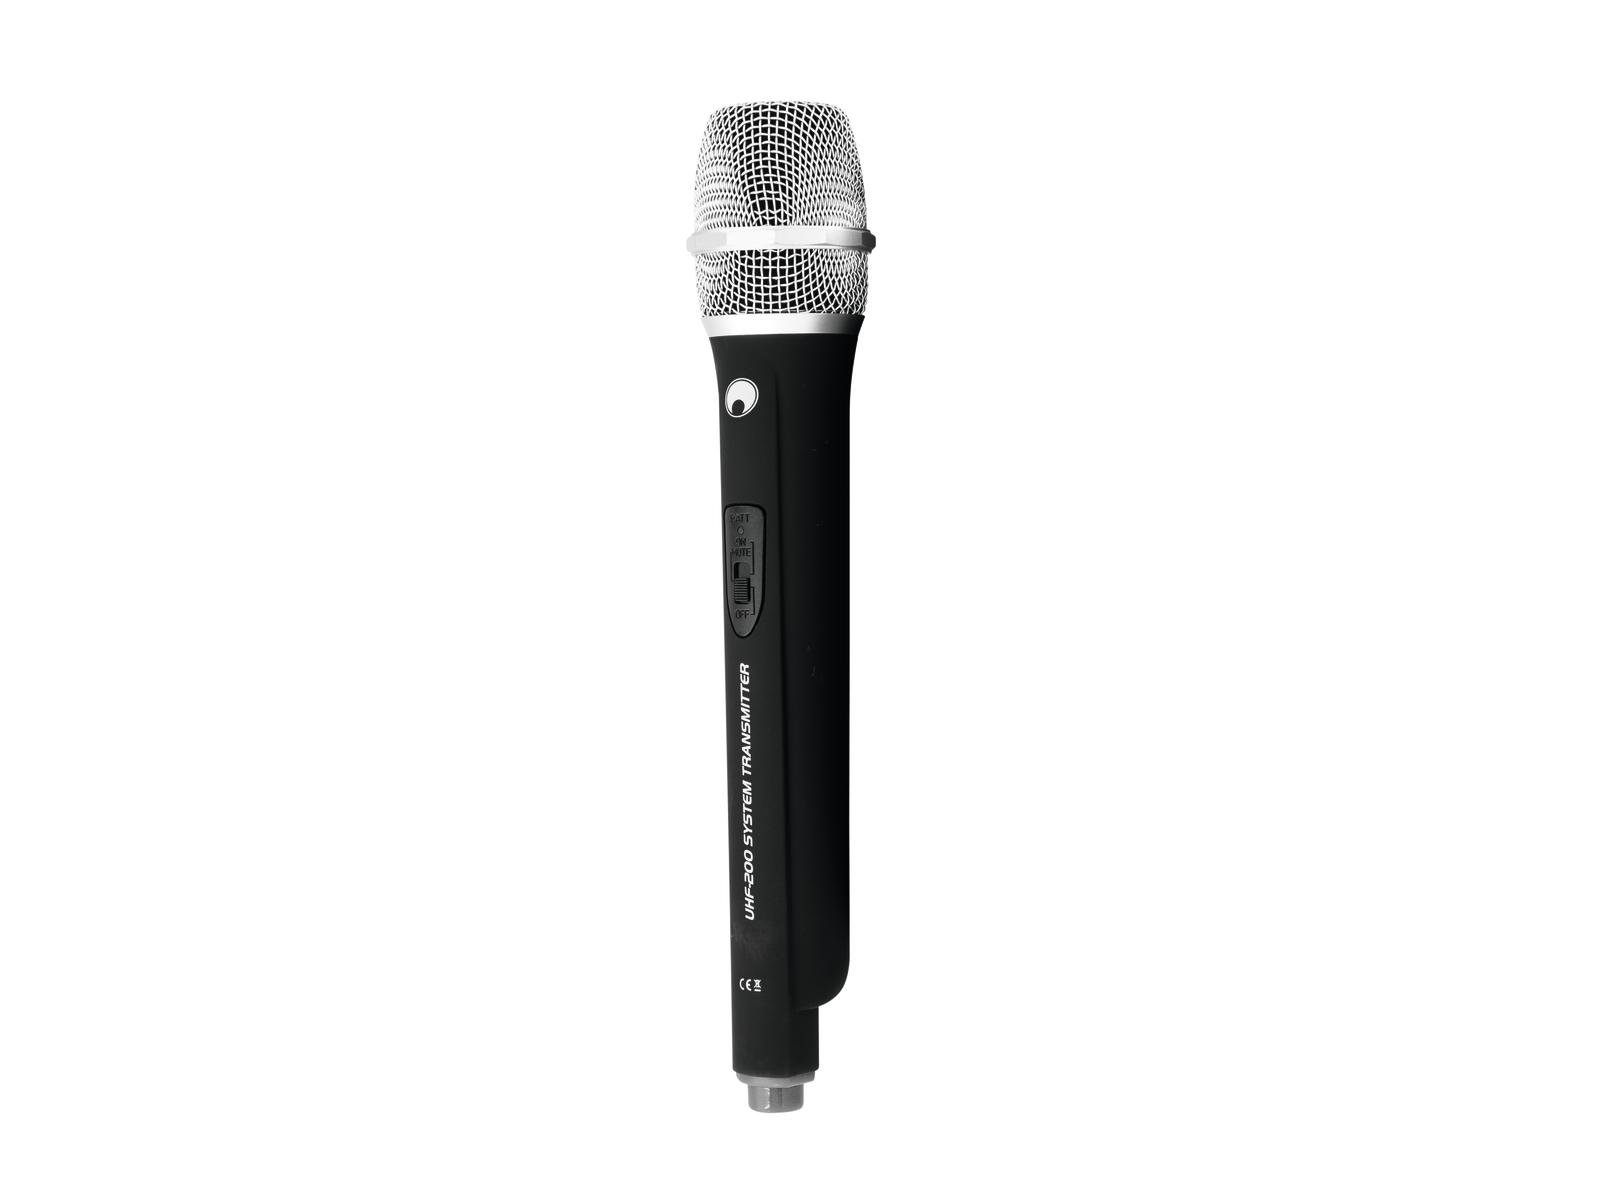 Omnitronic UHF-200, ruční bezdrátový mikrofon 828.250 MHz